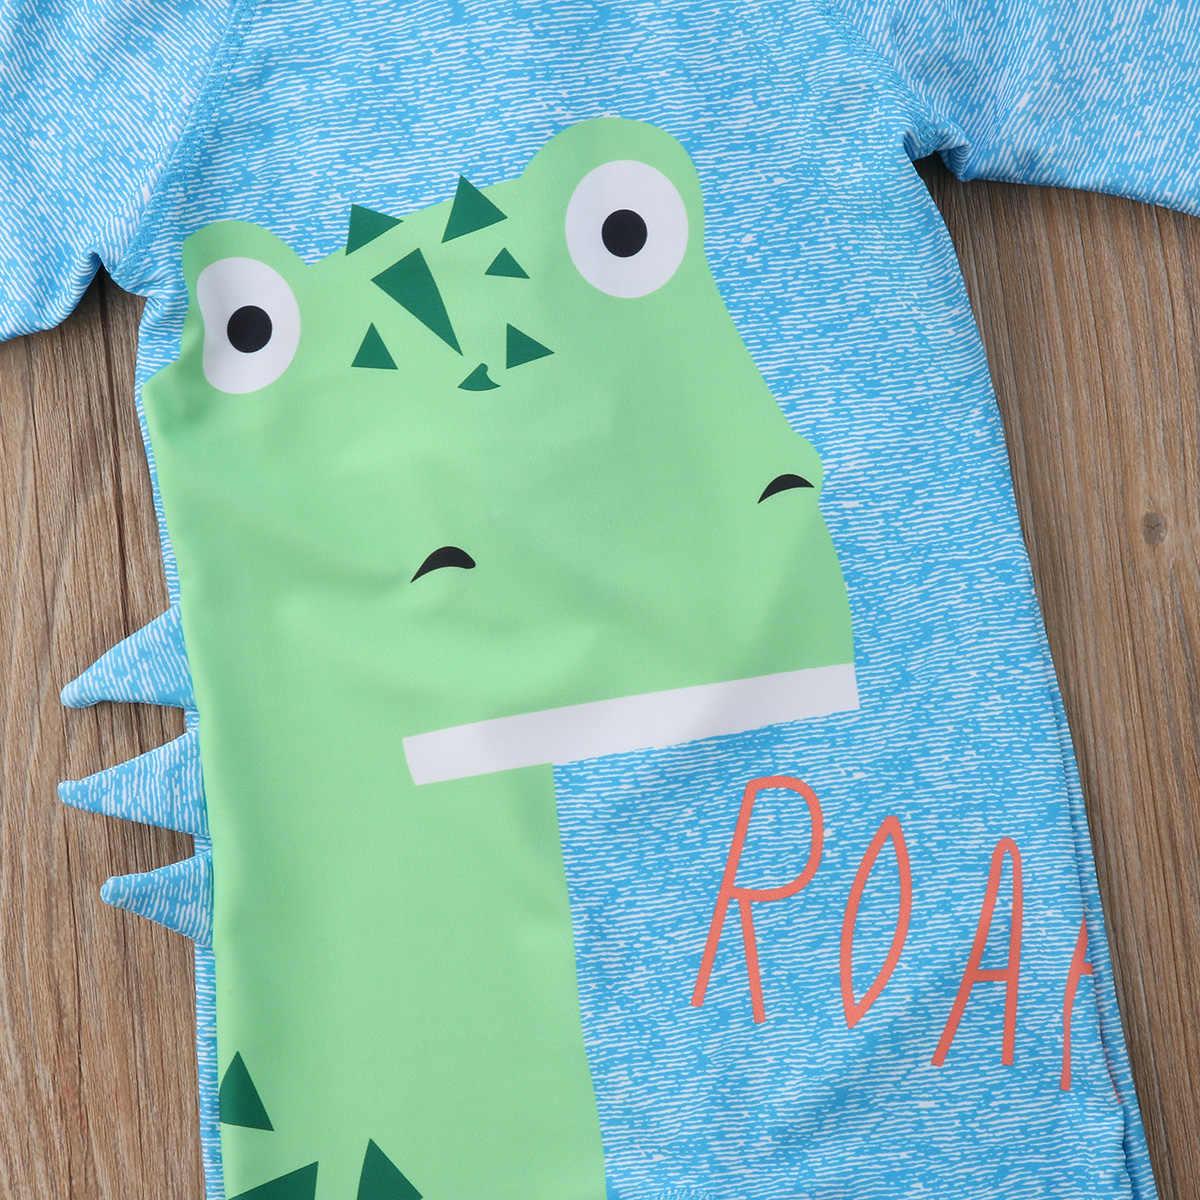 2018 لطيف الأزرق بيبي بوي فتاة طفل الديناصور طباعة تصفح ملابس السباحة بذلة مع قبعة سستة لطيف حلي وتتسابق